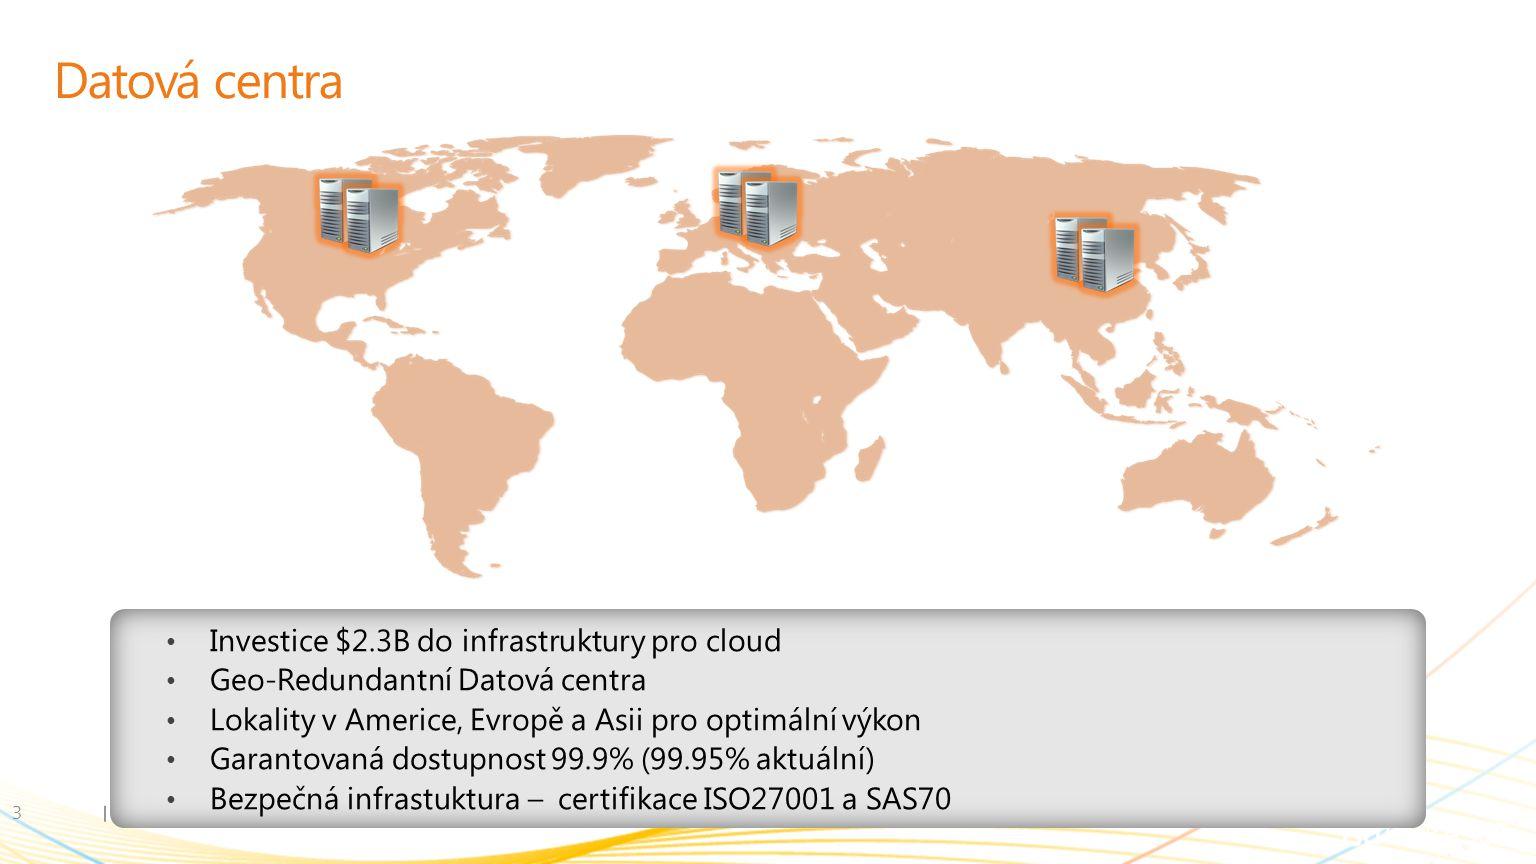 Datová centra 3 Investice $2.3B do infrastruktury pro cloud Geo-Redundantní Datová centra Lokality v Americe, Evropě a Asii pro optimální výkon Garantovaná dostupnost 99.9% (99.95% aktuální) Bezpečná infrastuktura – certifikace ISO27001 a SAS70